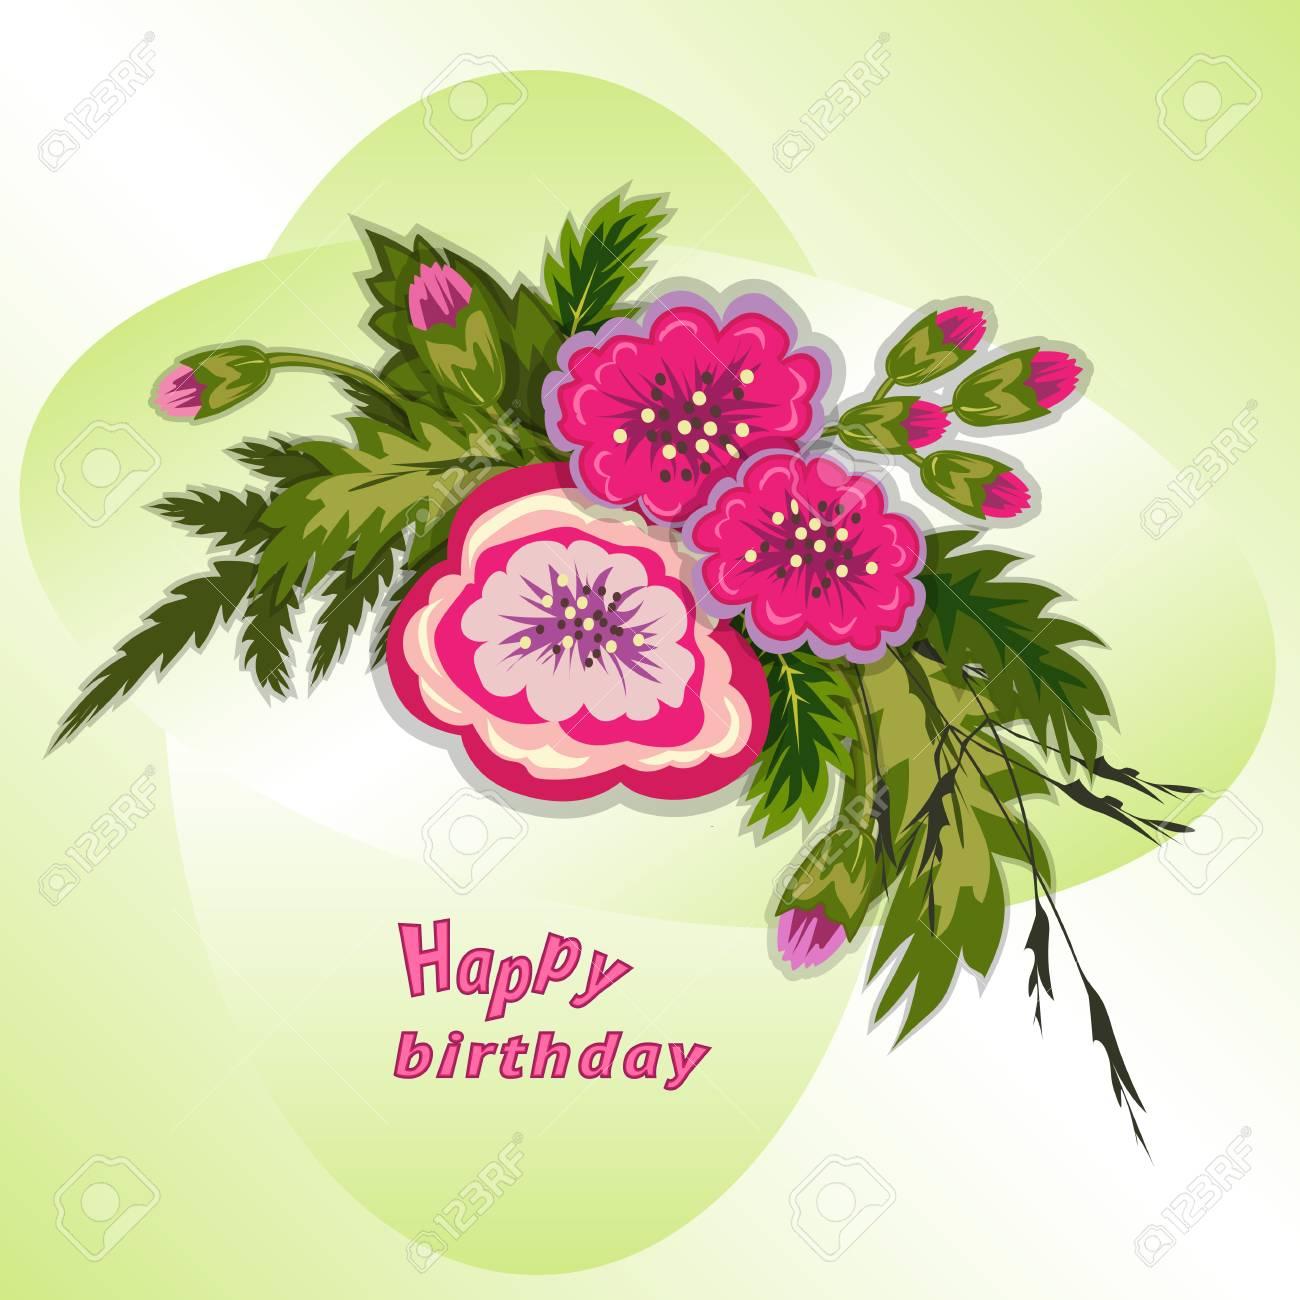 Composition Florale Bouquet De Fleurs Sur Fond Vert Tendre Modèle De Joyeux Anniversaire Pour Femme Carte De Voeux Illustration Vectorielle